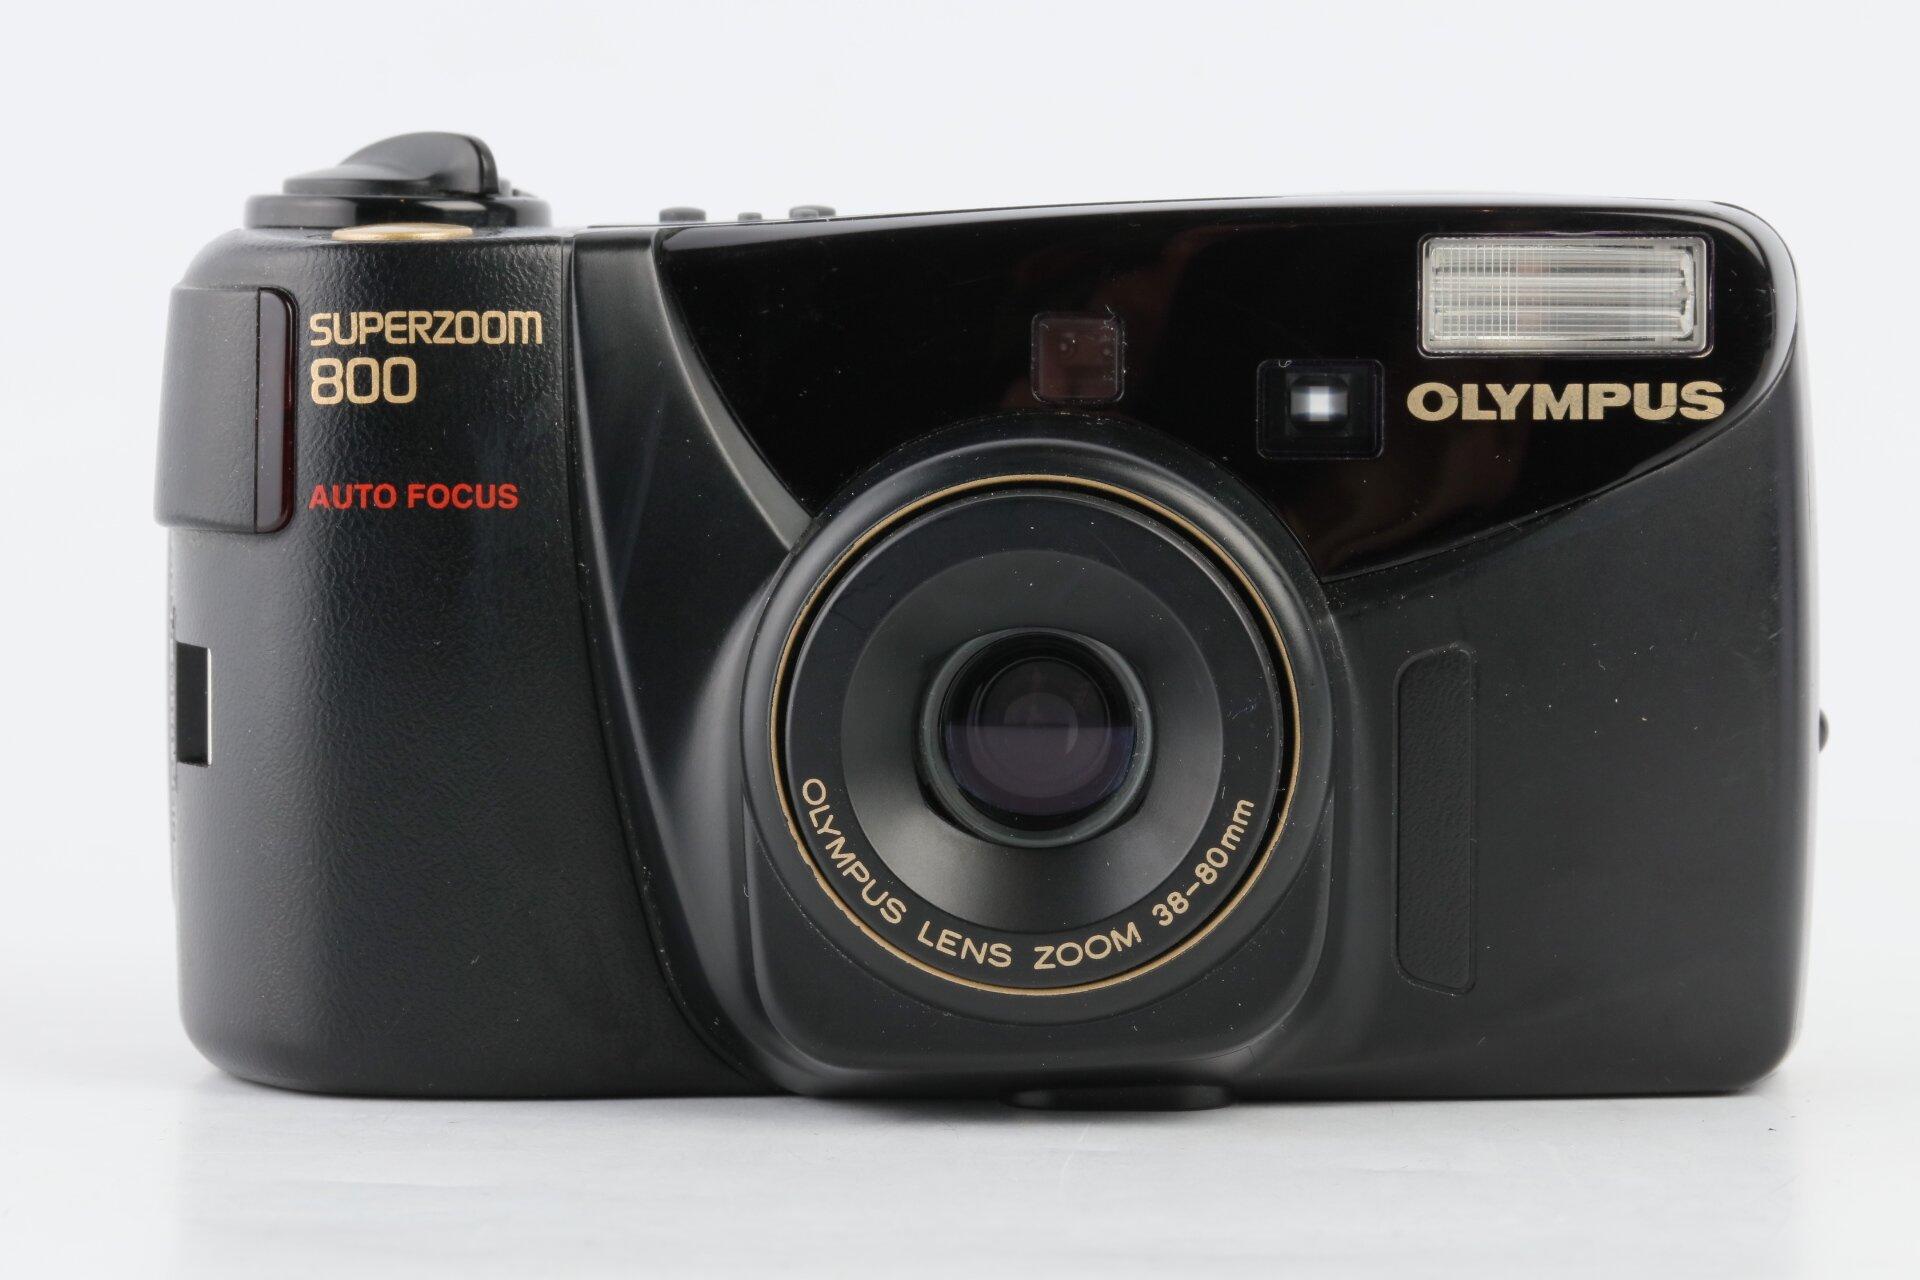 Olympus Superzoom 800 Auto Focus